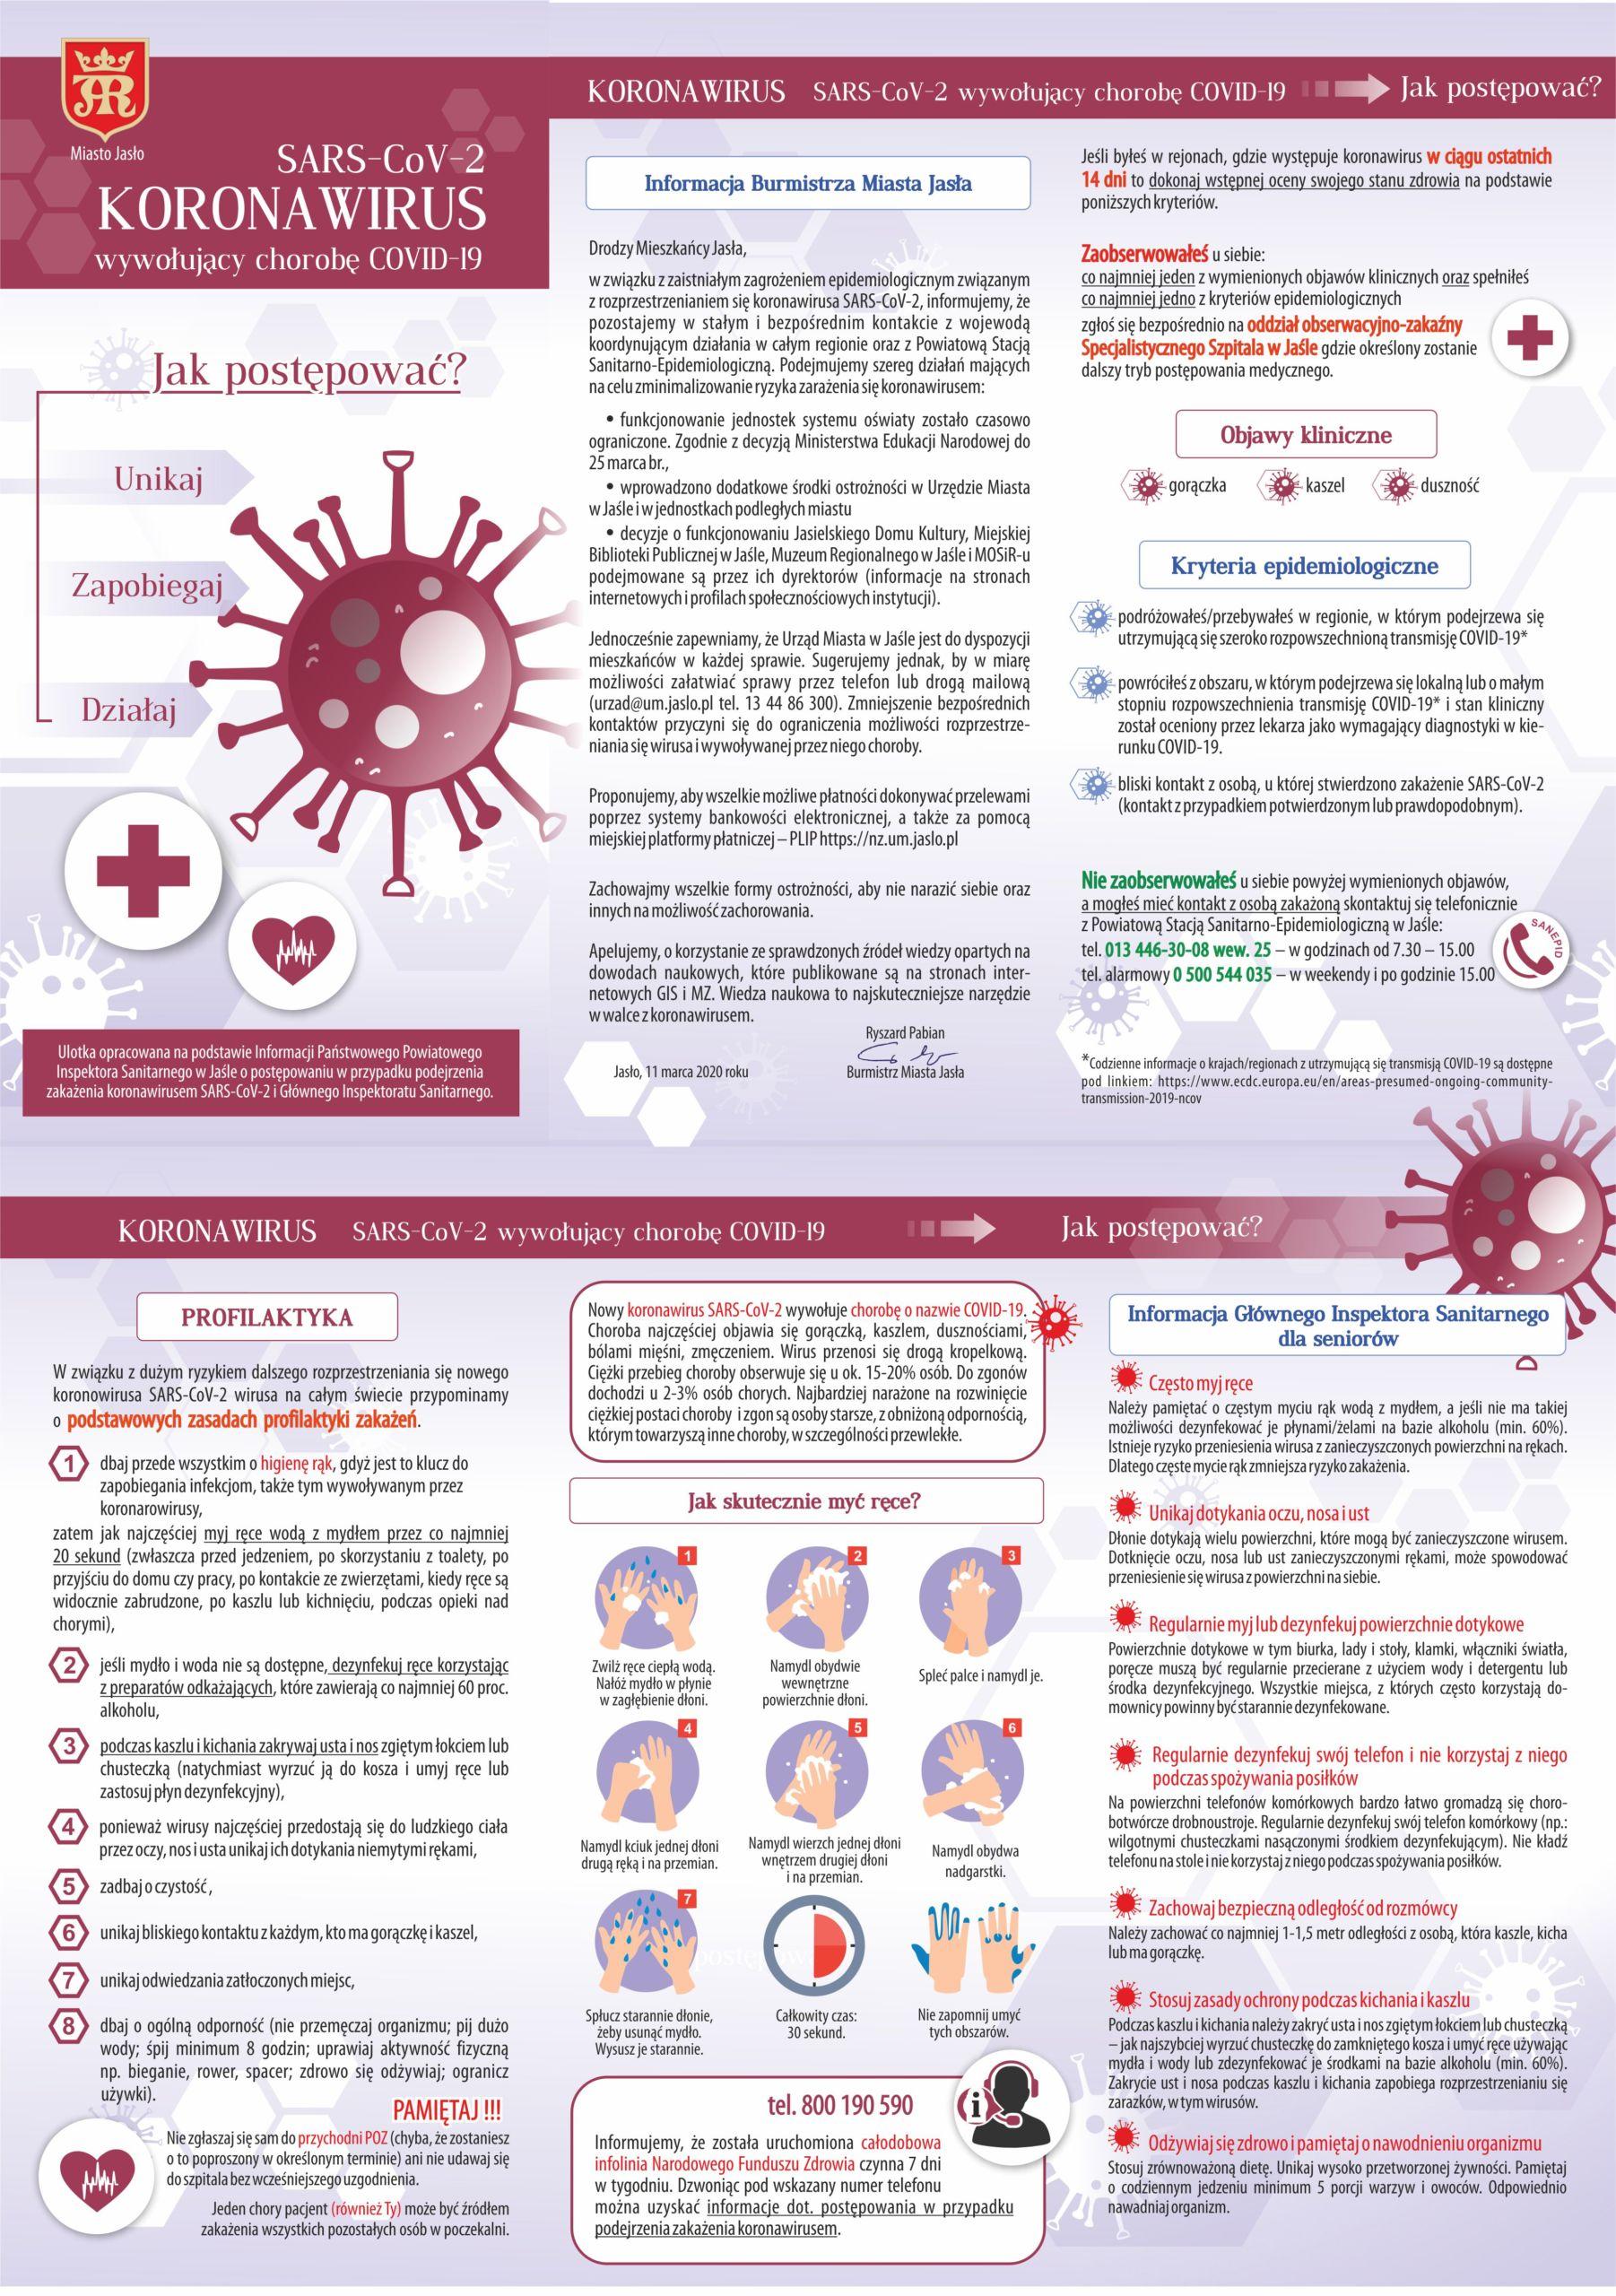 Ulotka informacyjna - Koronawirus - jak postępować